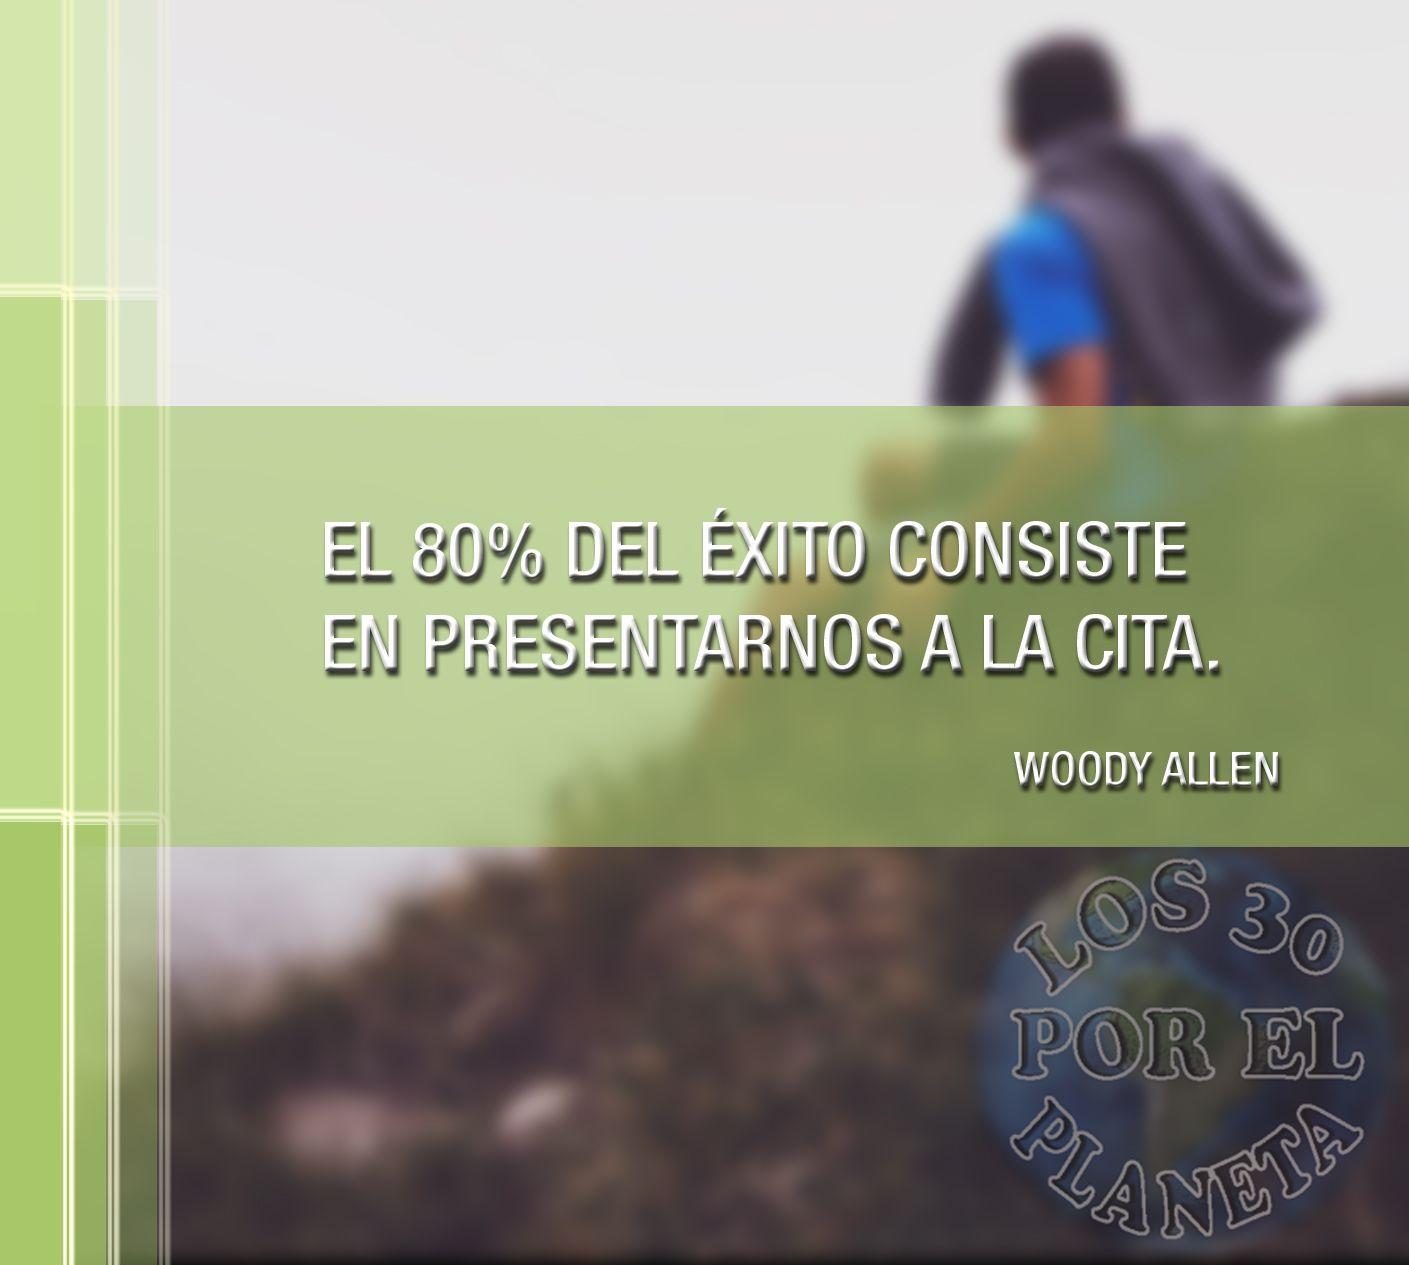 #Lunes, inicio de semana. Empieza esta mañana con mucha fuerza, energía y una gran sonrisa. Te dejamos con esta cita del cineasta Woody Allen. ¡Buenos días!